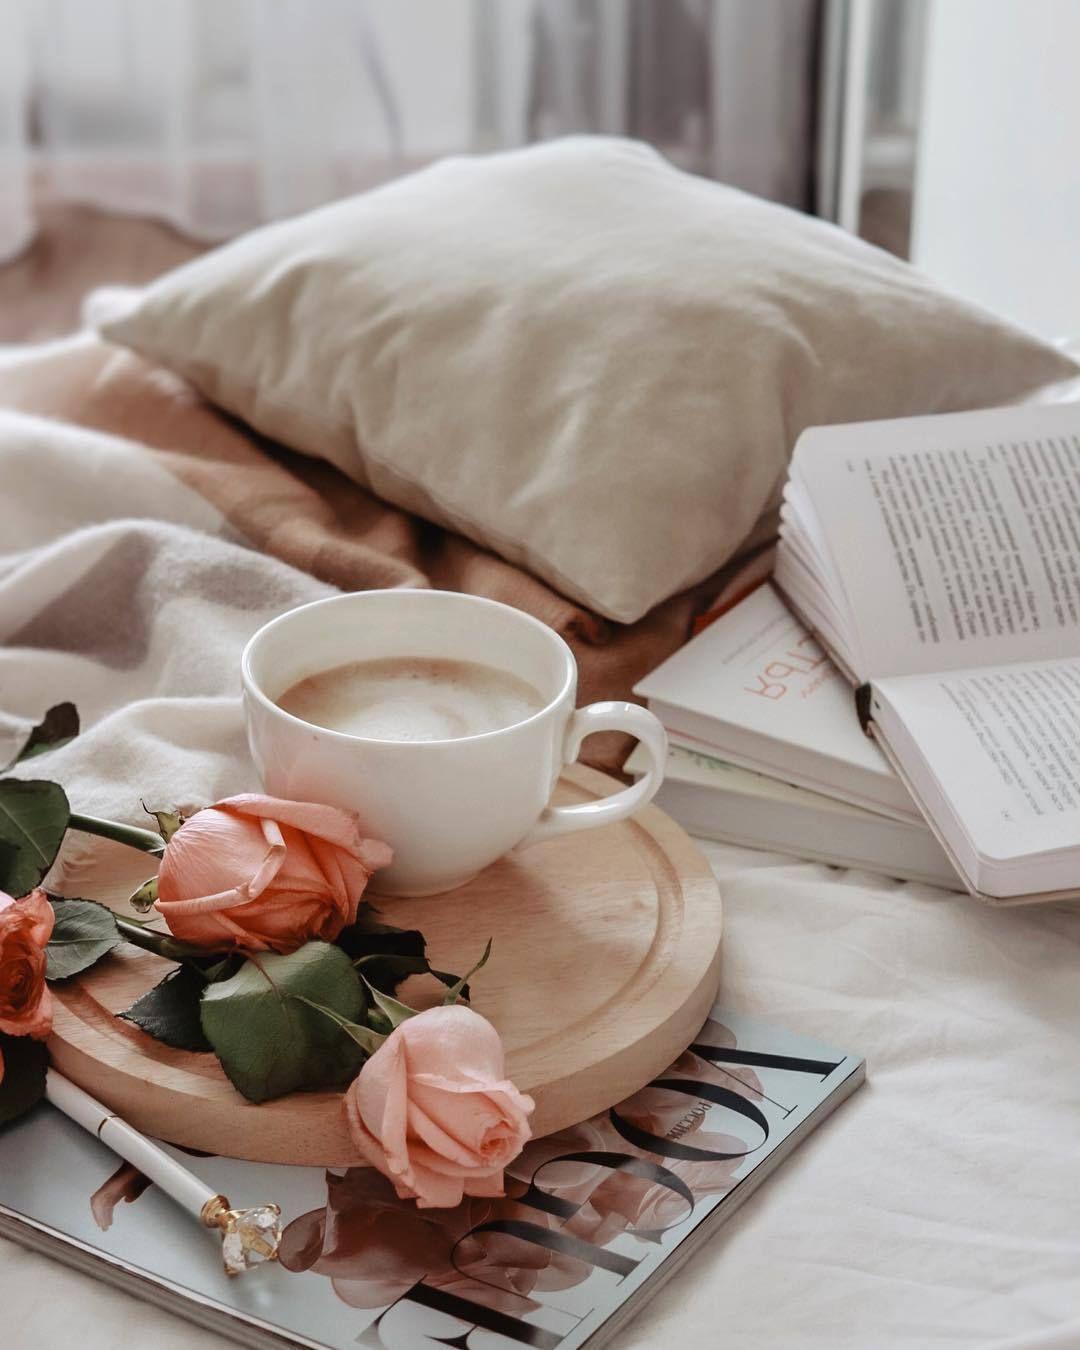 доброе утро роман картинки красивые нападения известность